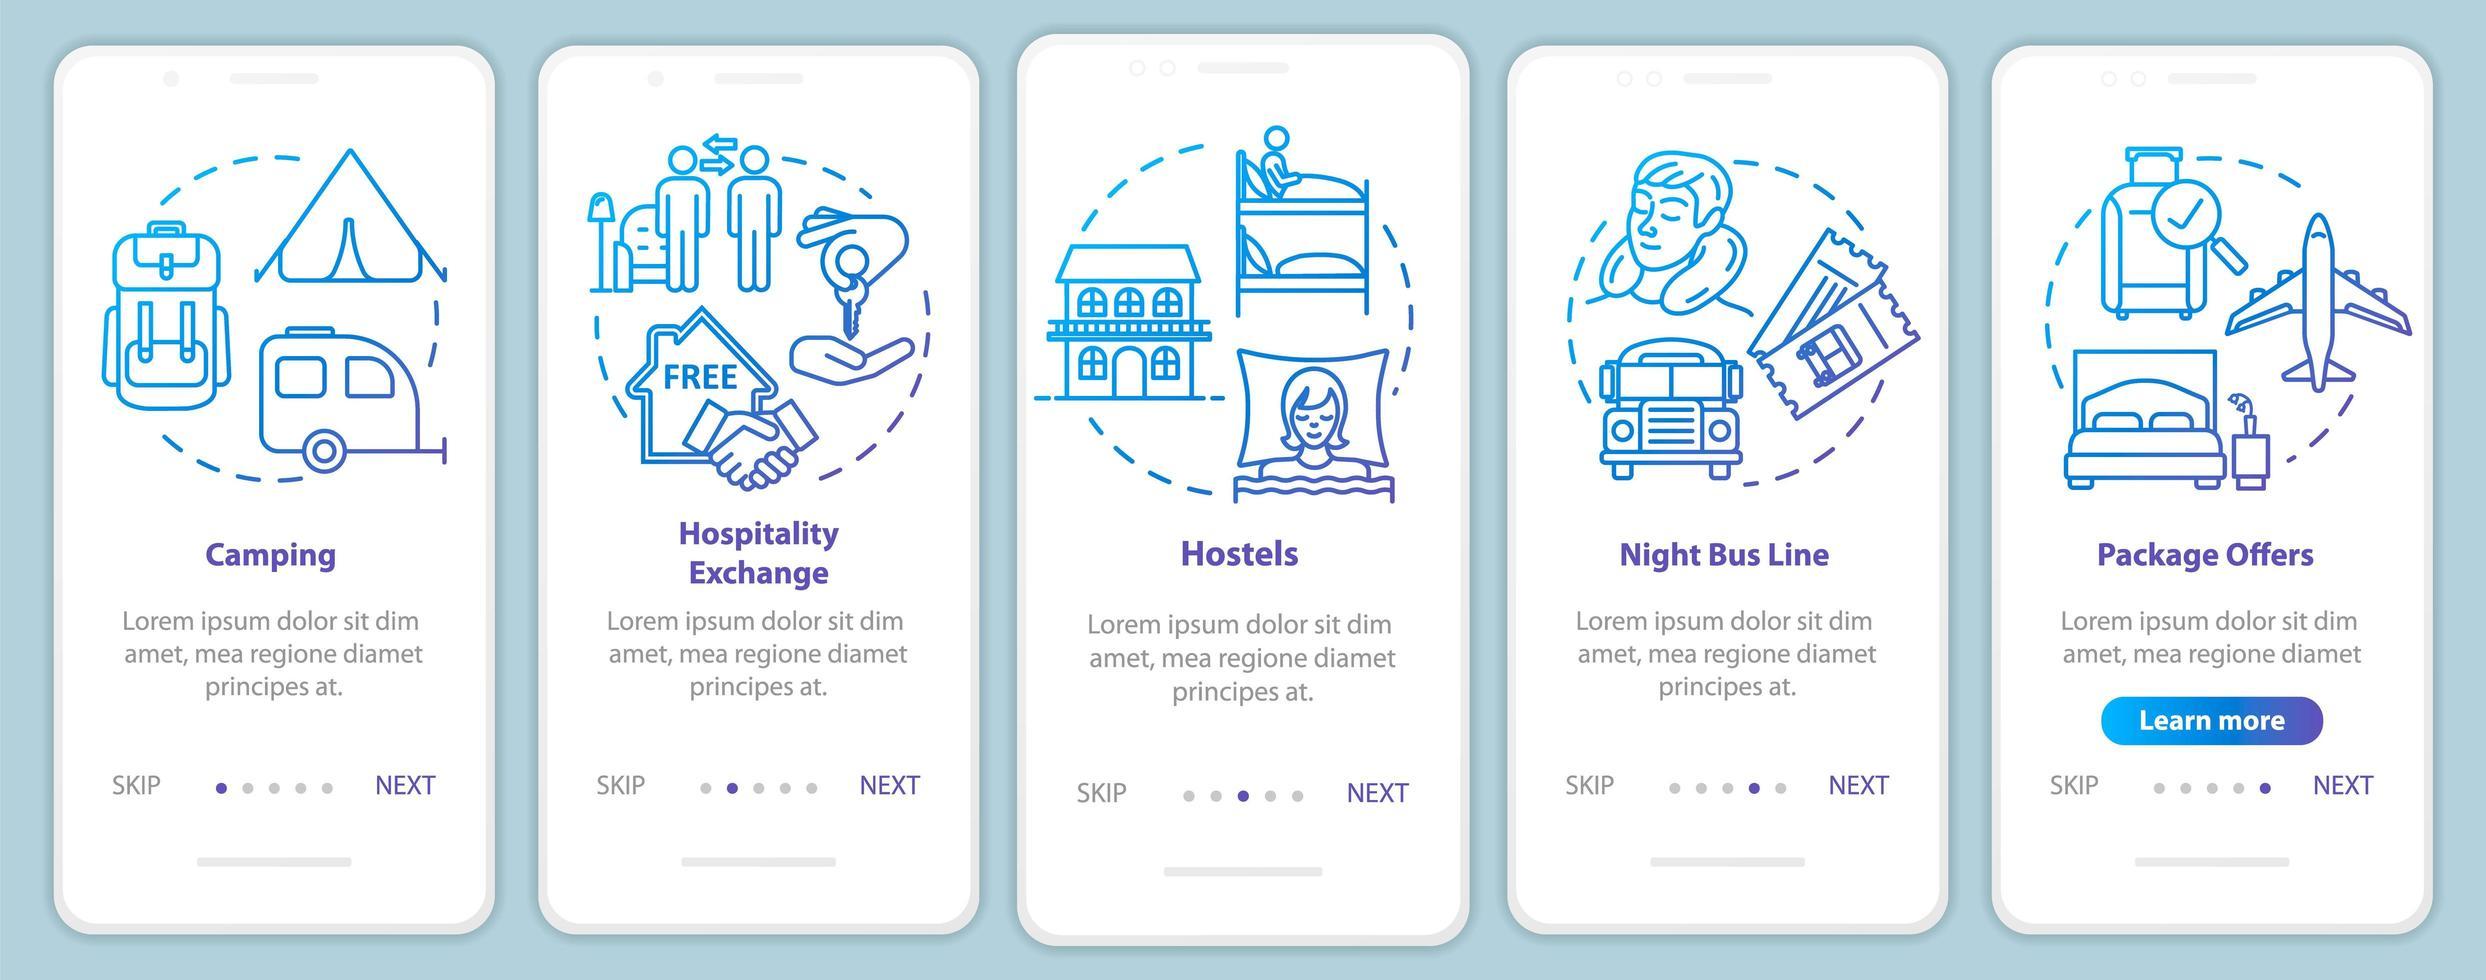 overnachting onboarding mobiele app-paginascherm met concepten. vector